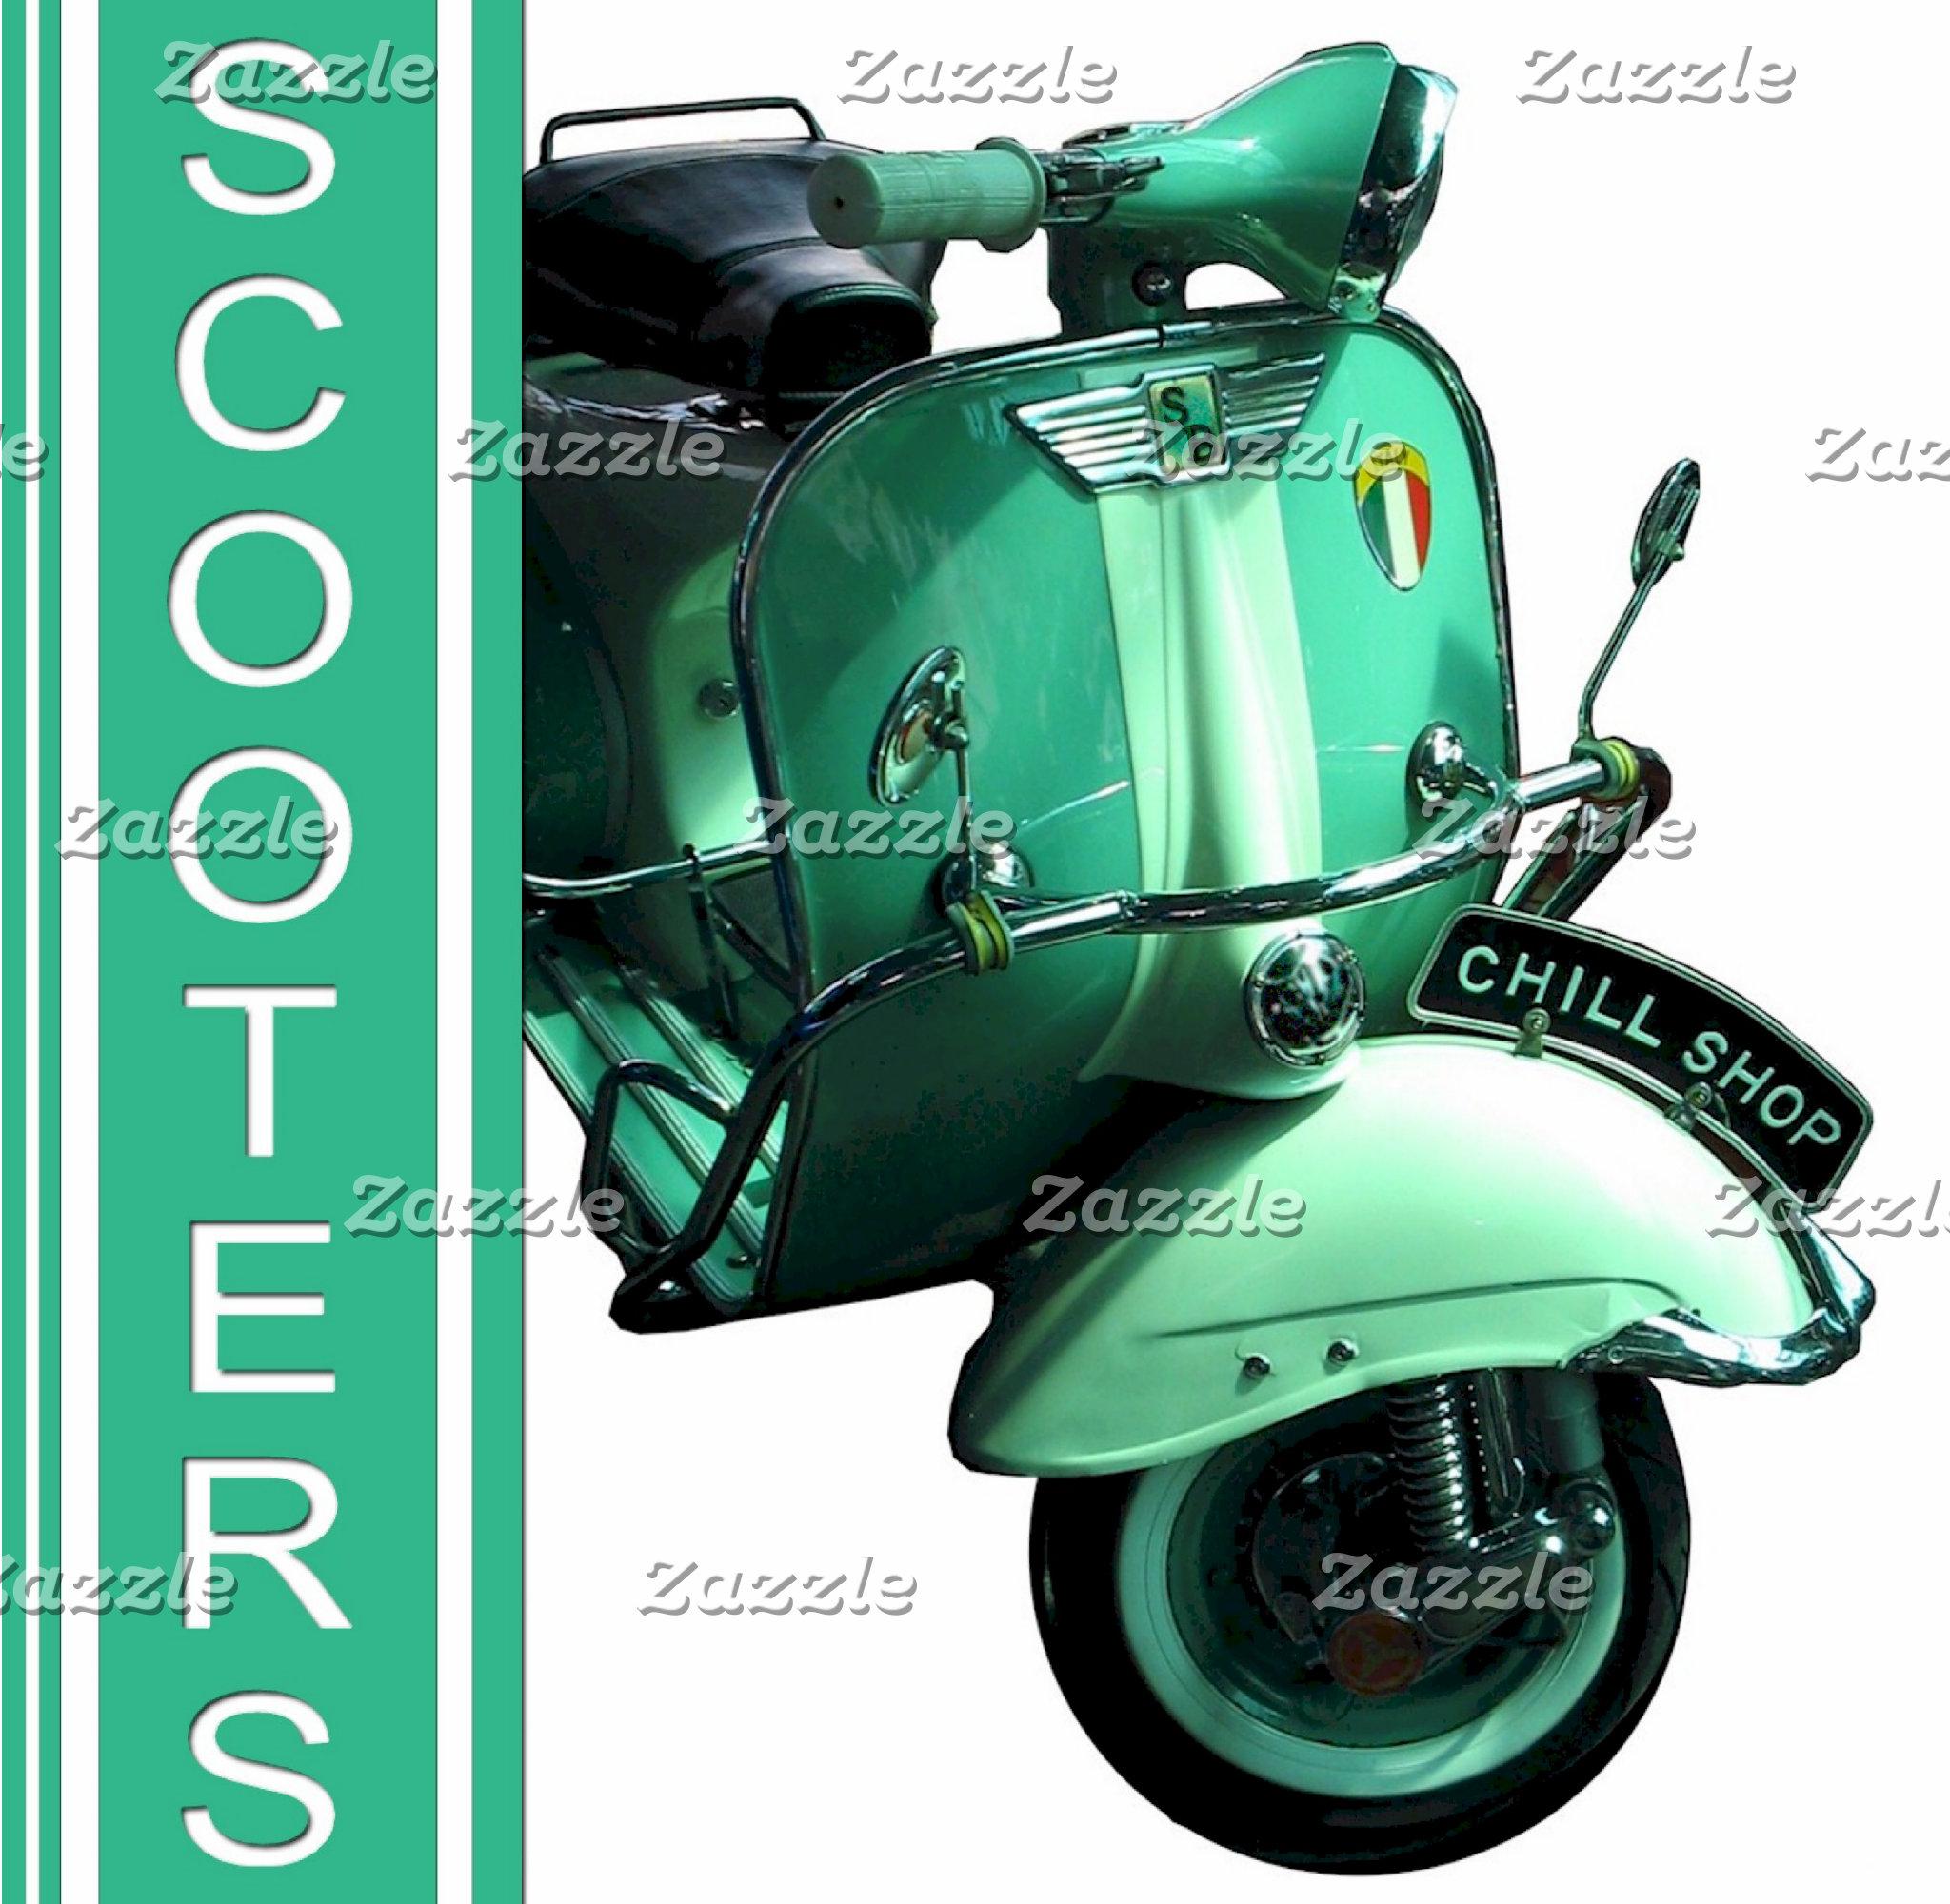 Vespa Scooter Chill Shop